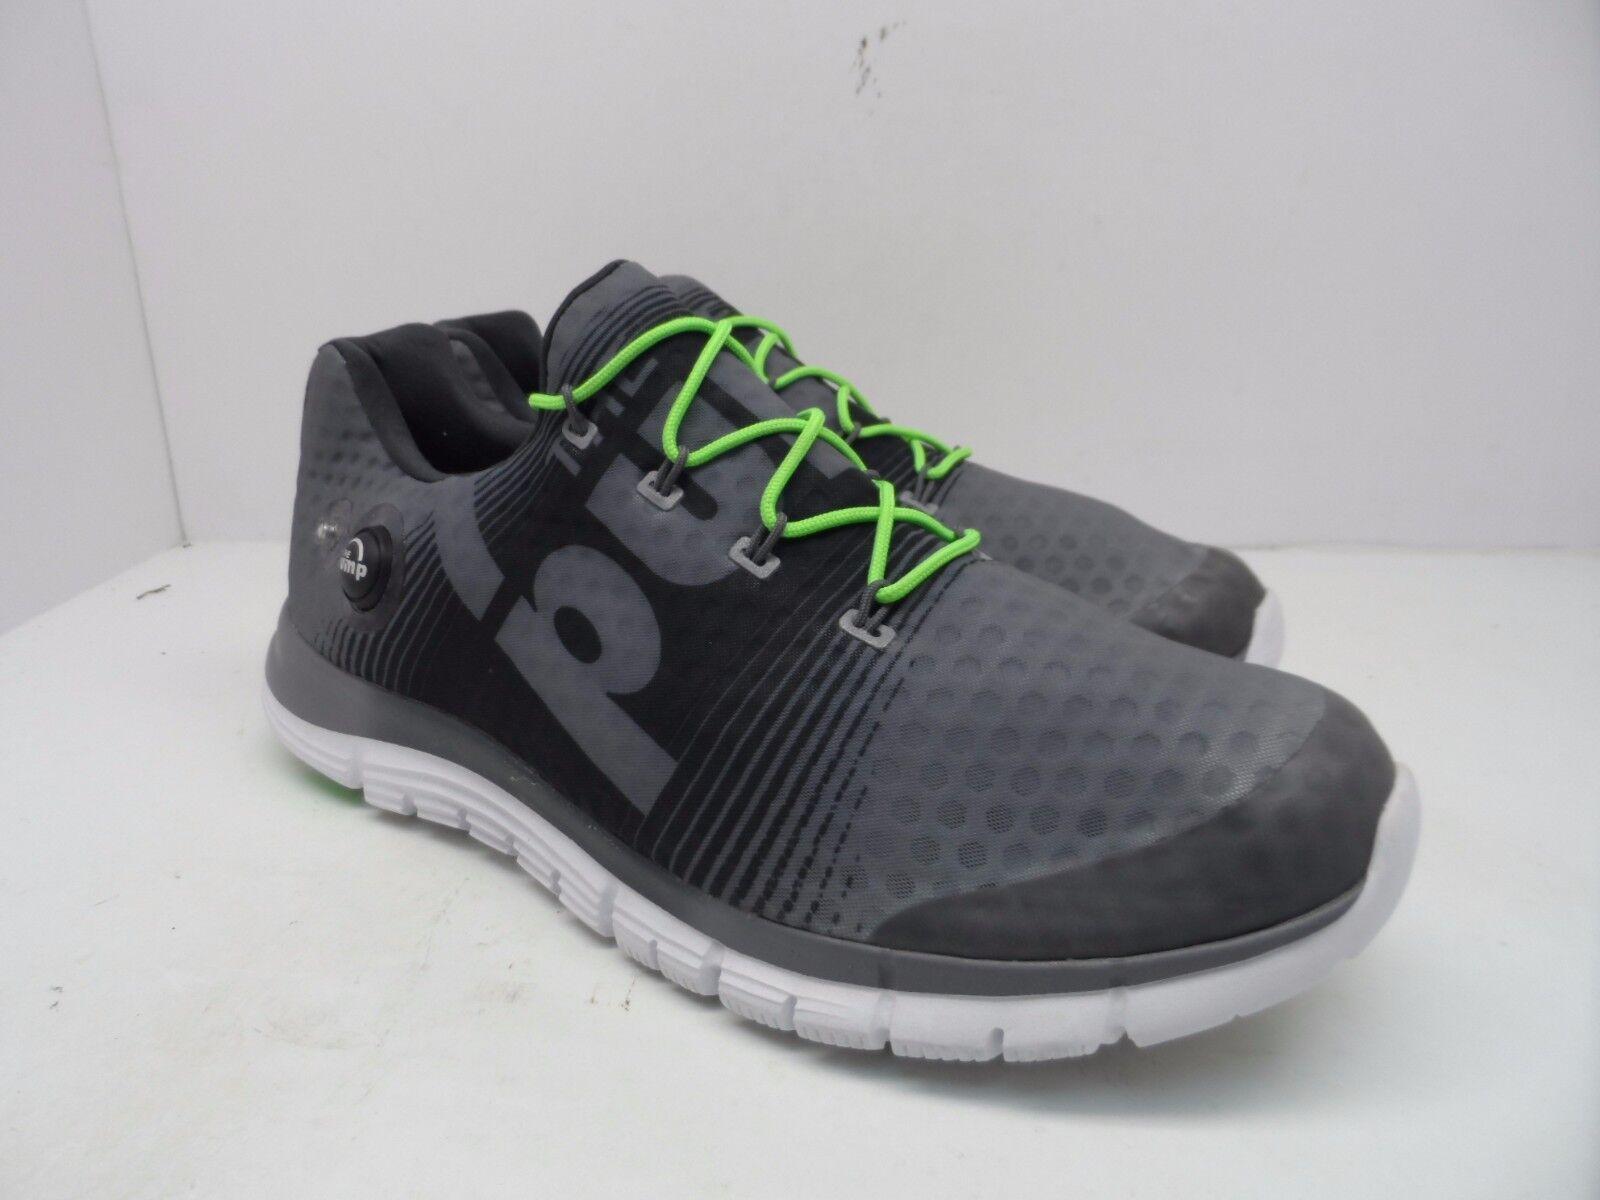 La reebok uomini z-pump fusione scarpa da corsa, squalo verde / / verde bianco / ghiaia / solare misura 12,5 9b7ad4